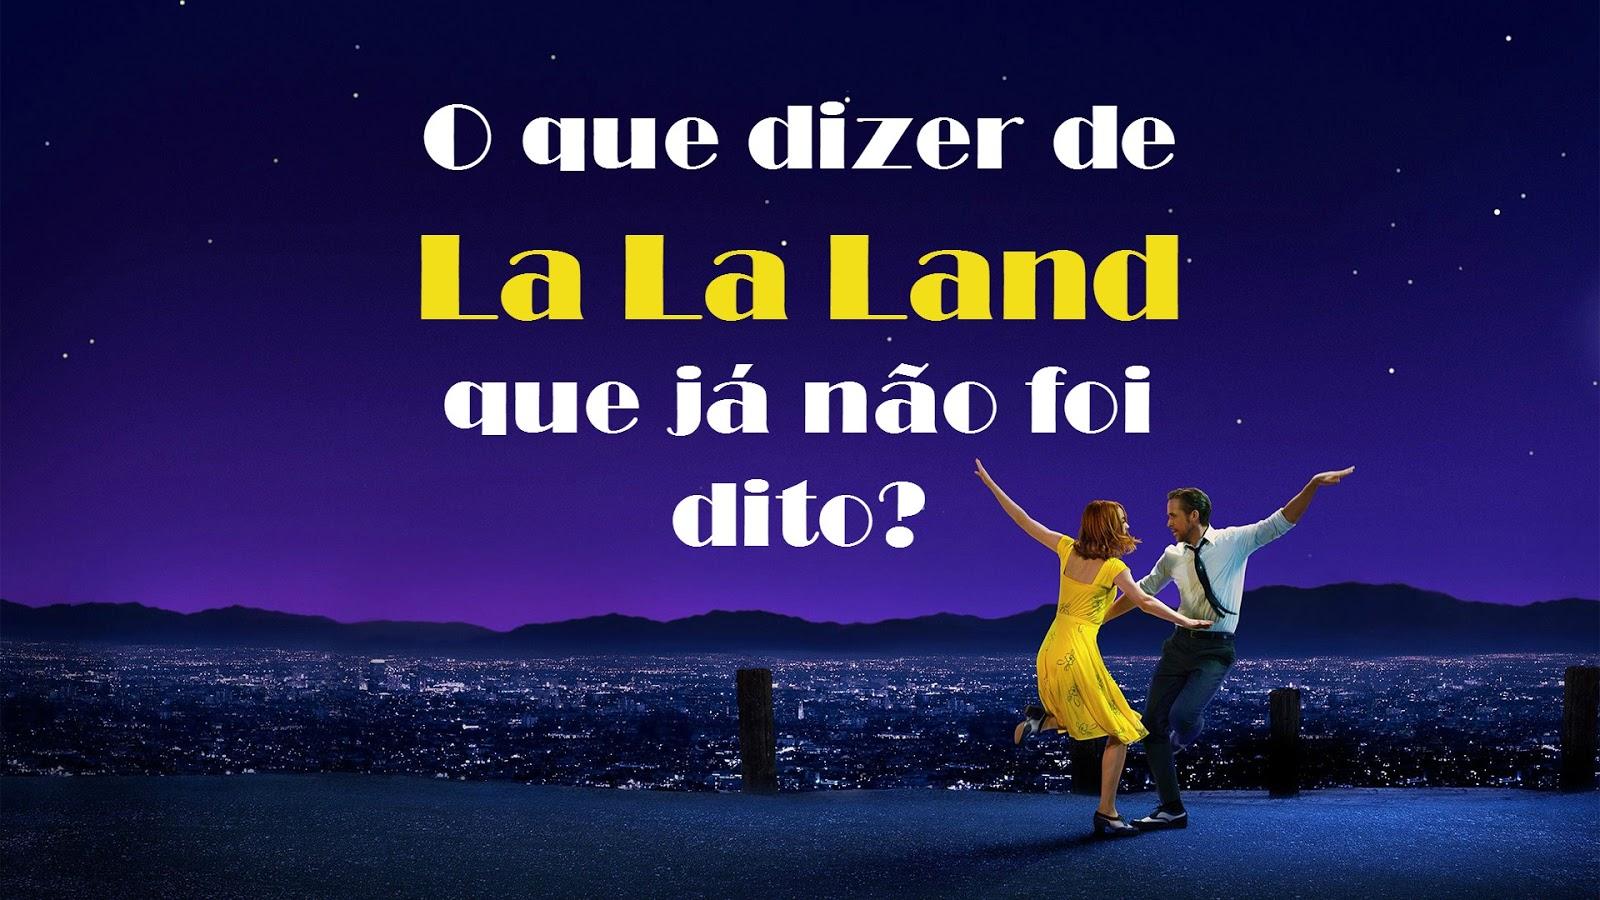 La La Land Filme Musical Critica Resenha